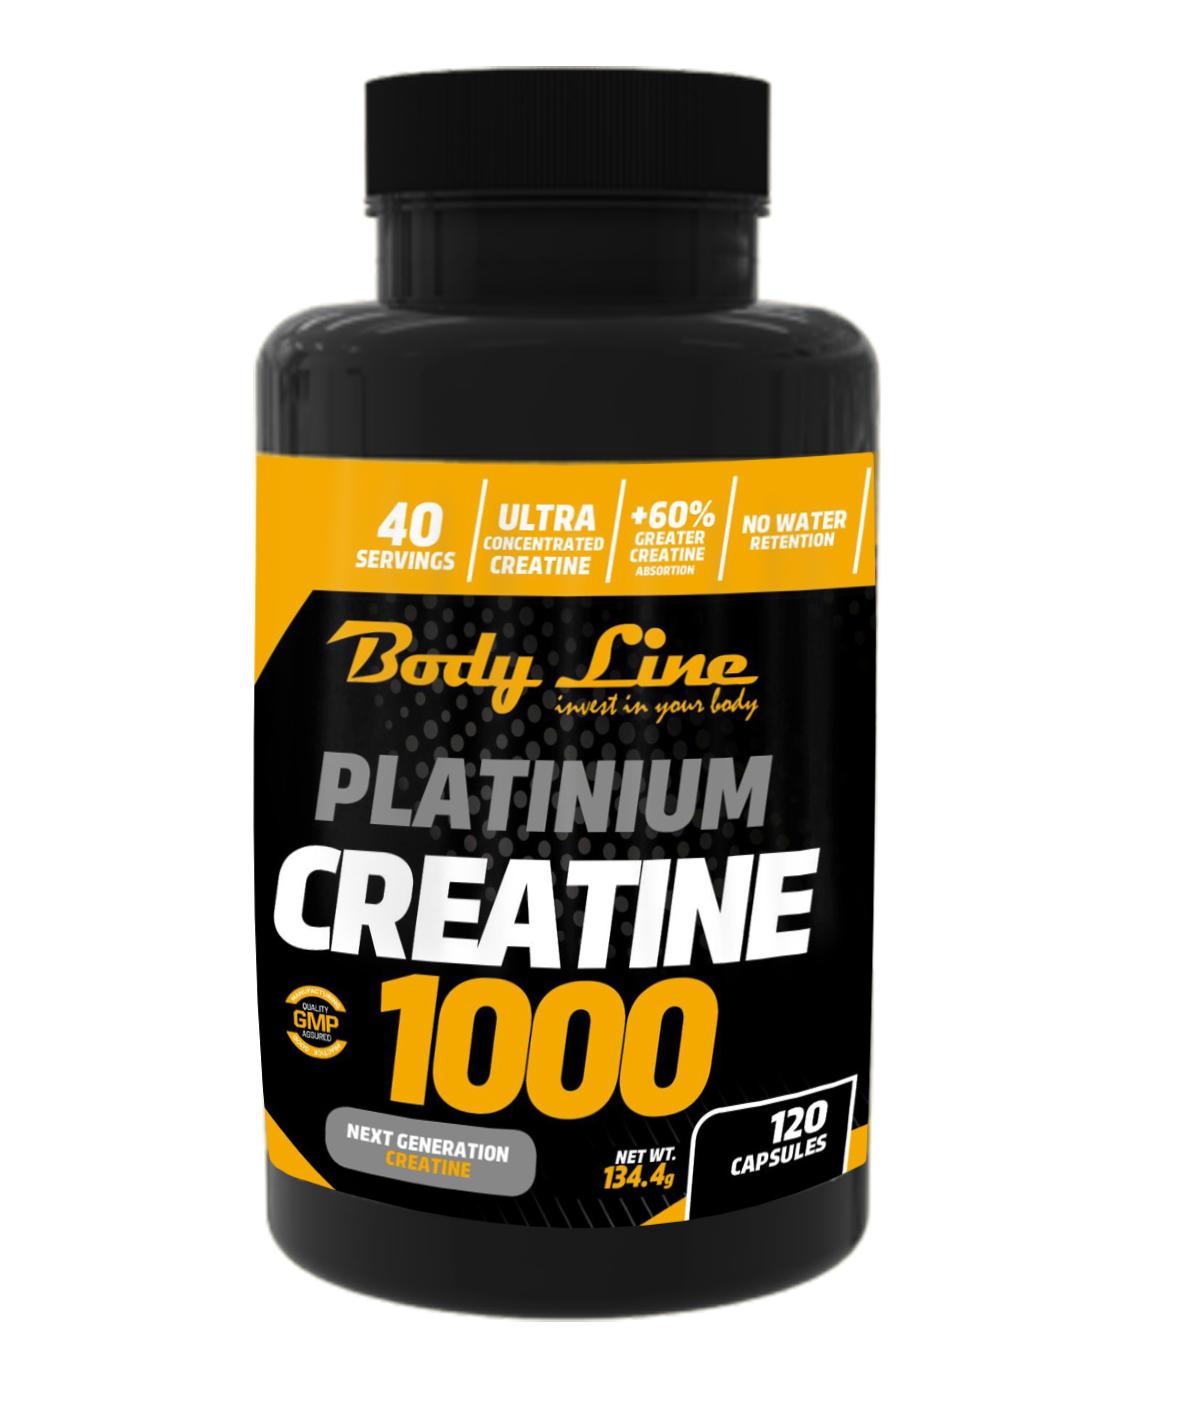 Platinium creatine 1000 new